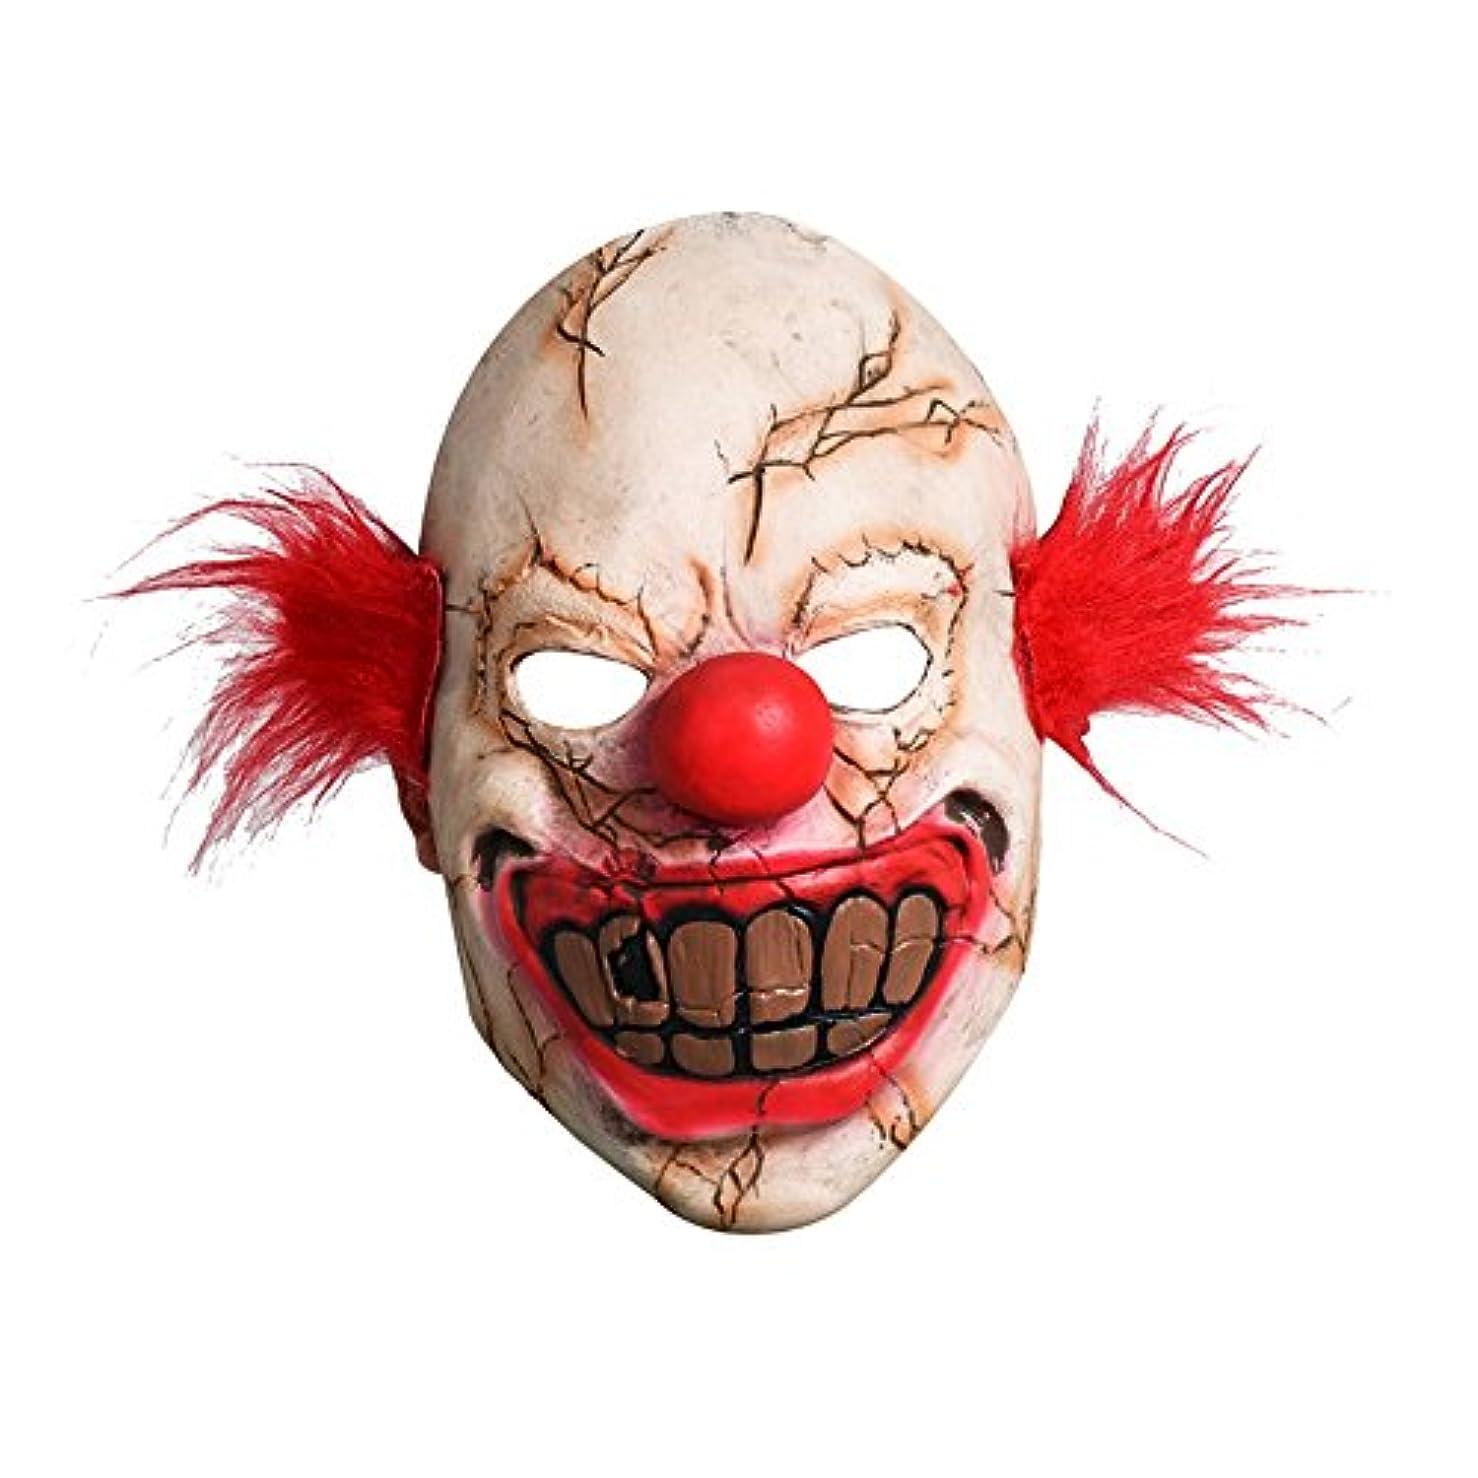 推定メタルラインデモンストレーションハロウィン用品バー怖い恐ろしい腐った道化師カーニバル全体の人々おかしい悪魔腐った顔ピエロマスク